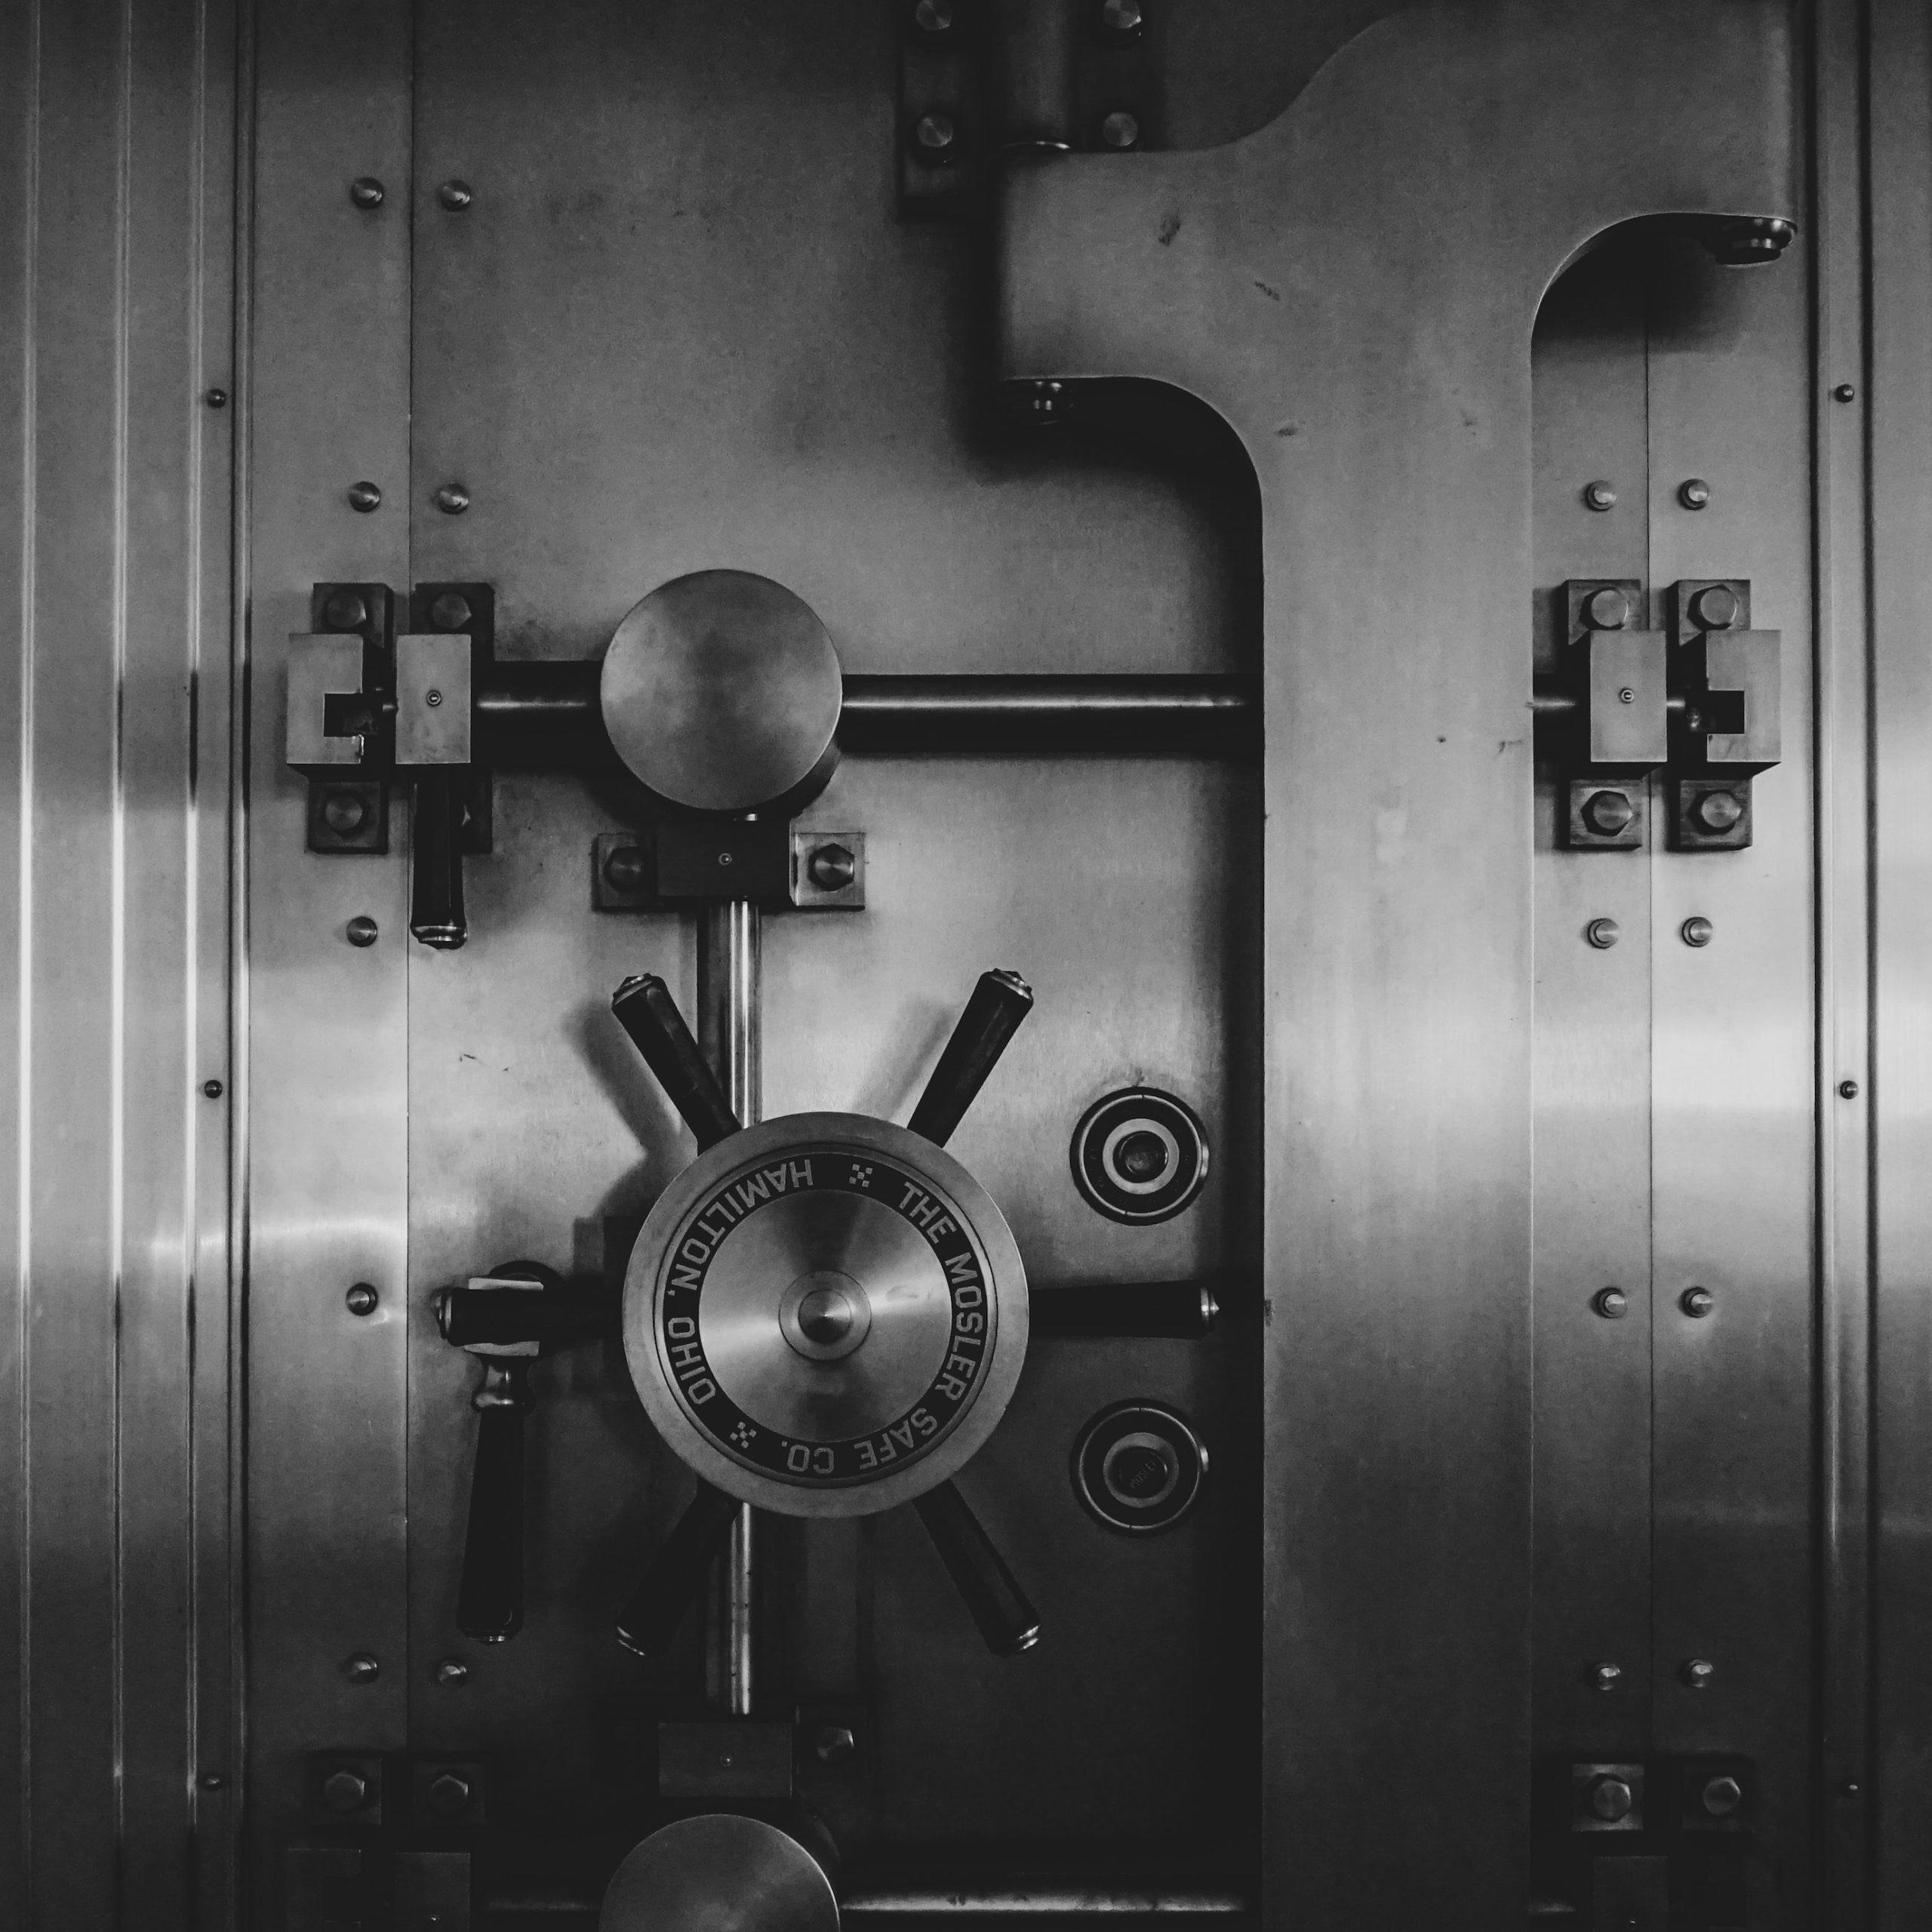 ¿Es mejor una alarma o una puerta blindada para casa?